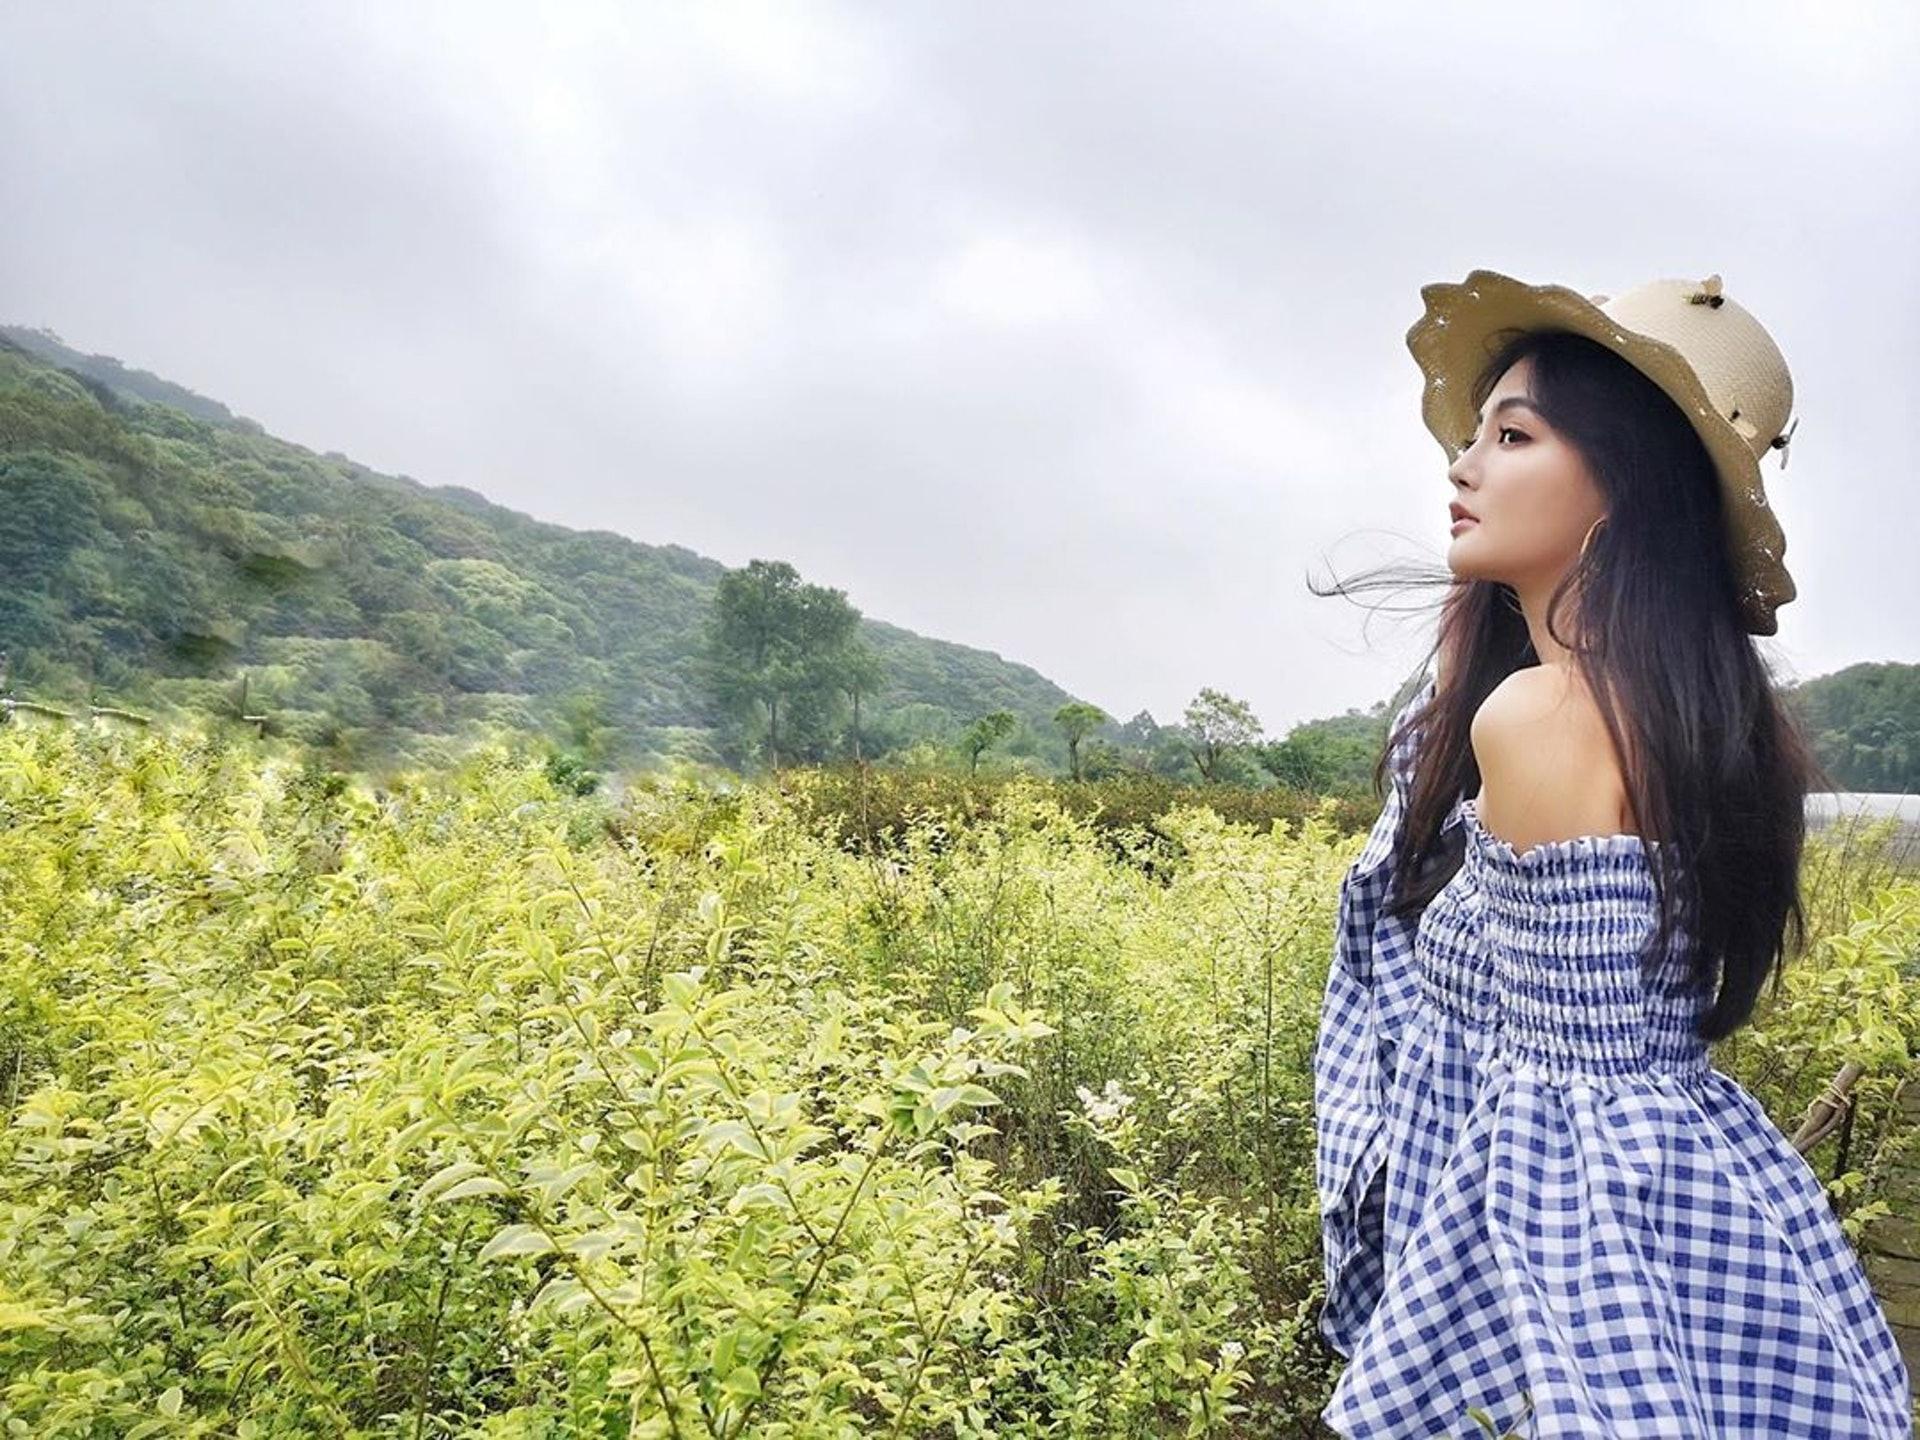 夏黃廉盈(lienhsia IG)